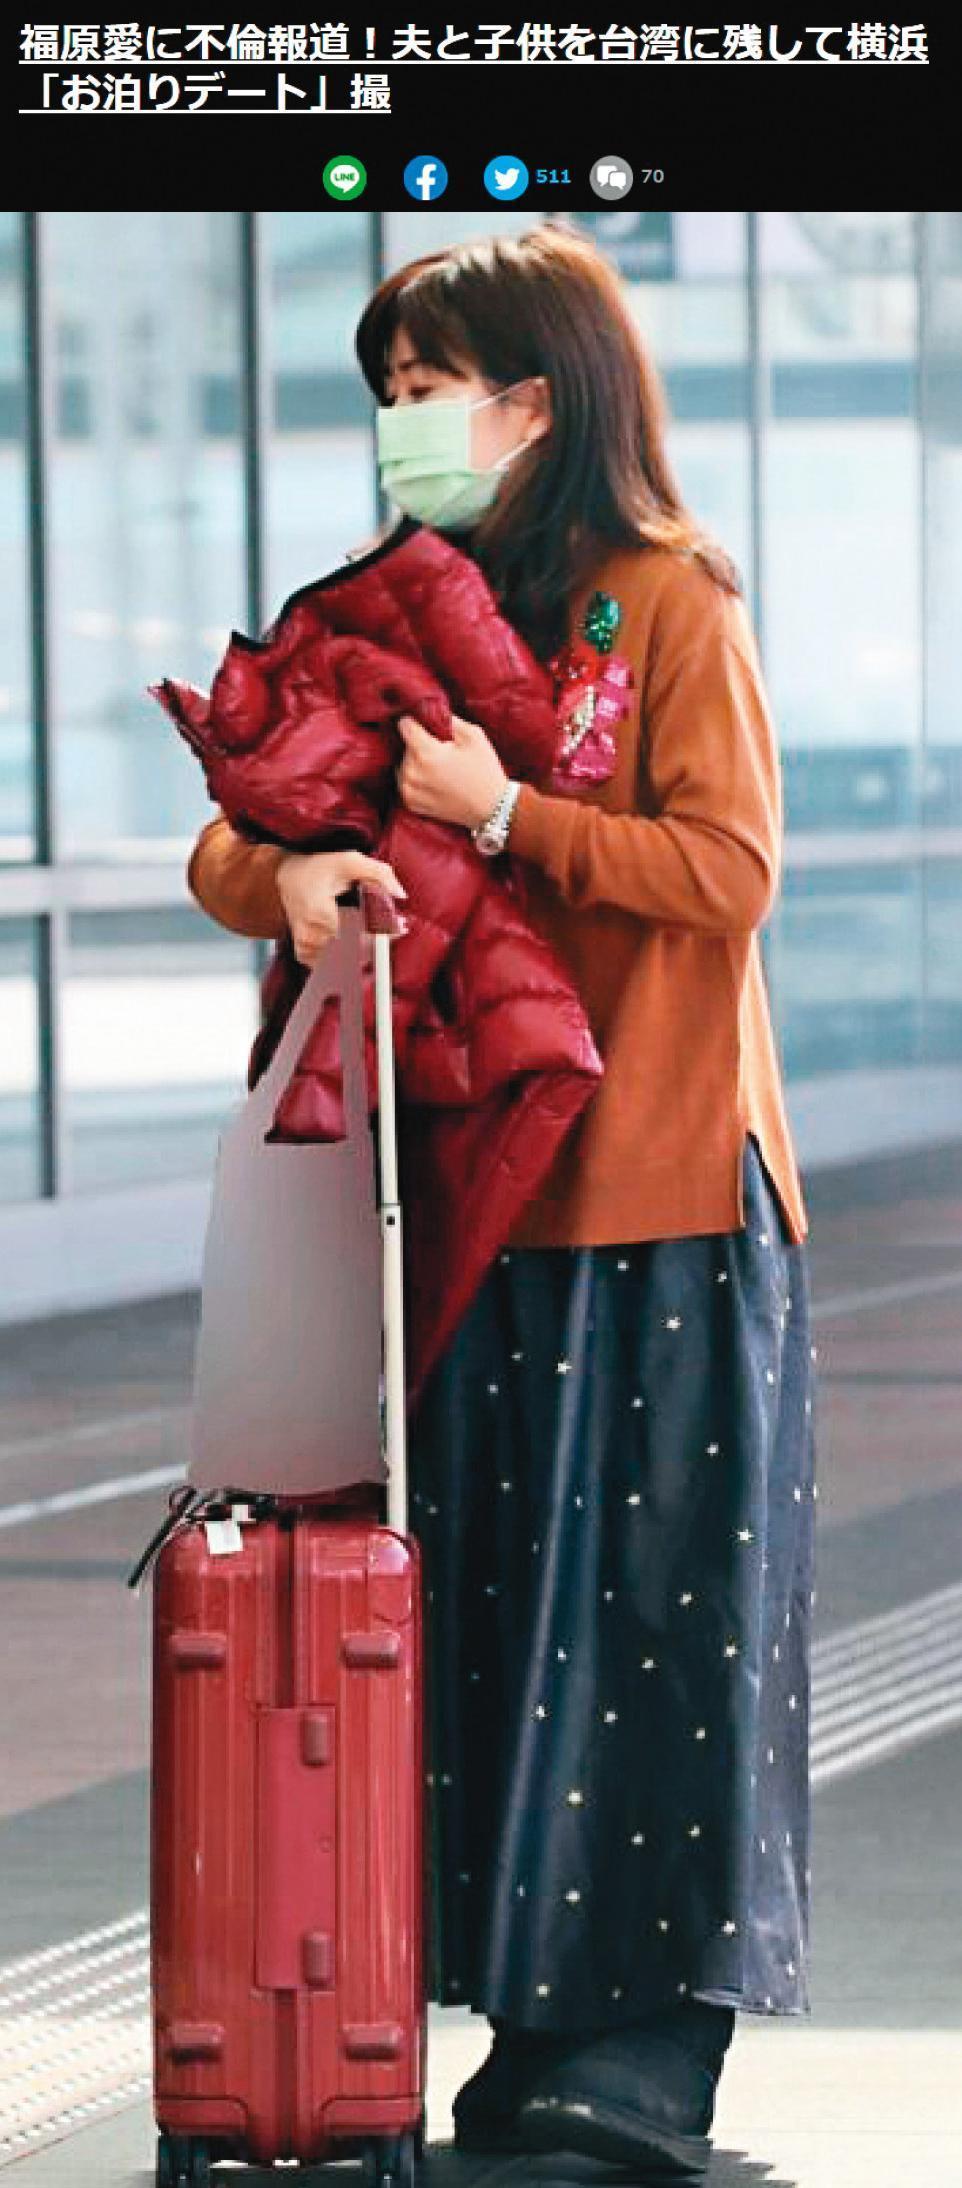 據聞,福原愛與她在日本的經紀公司相當擅長媒體操作,只是因為這次她幾乎沒救了,所以台、日兩邊都不討好。(翻攝自女性SEVEN官網)